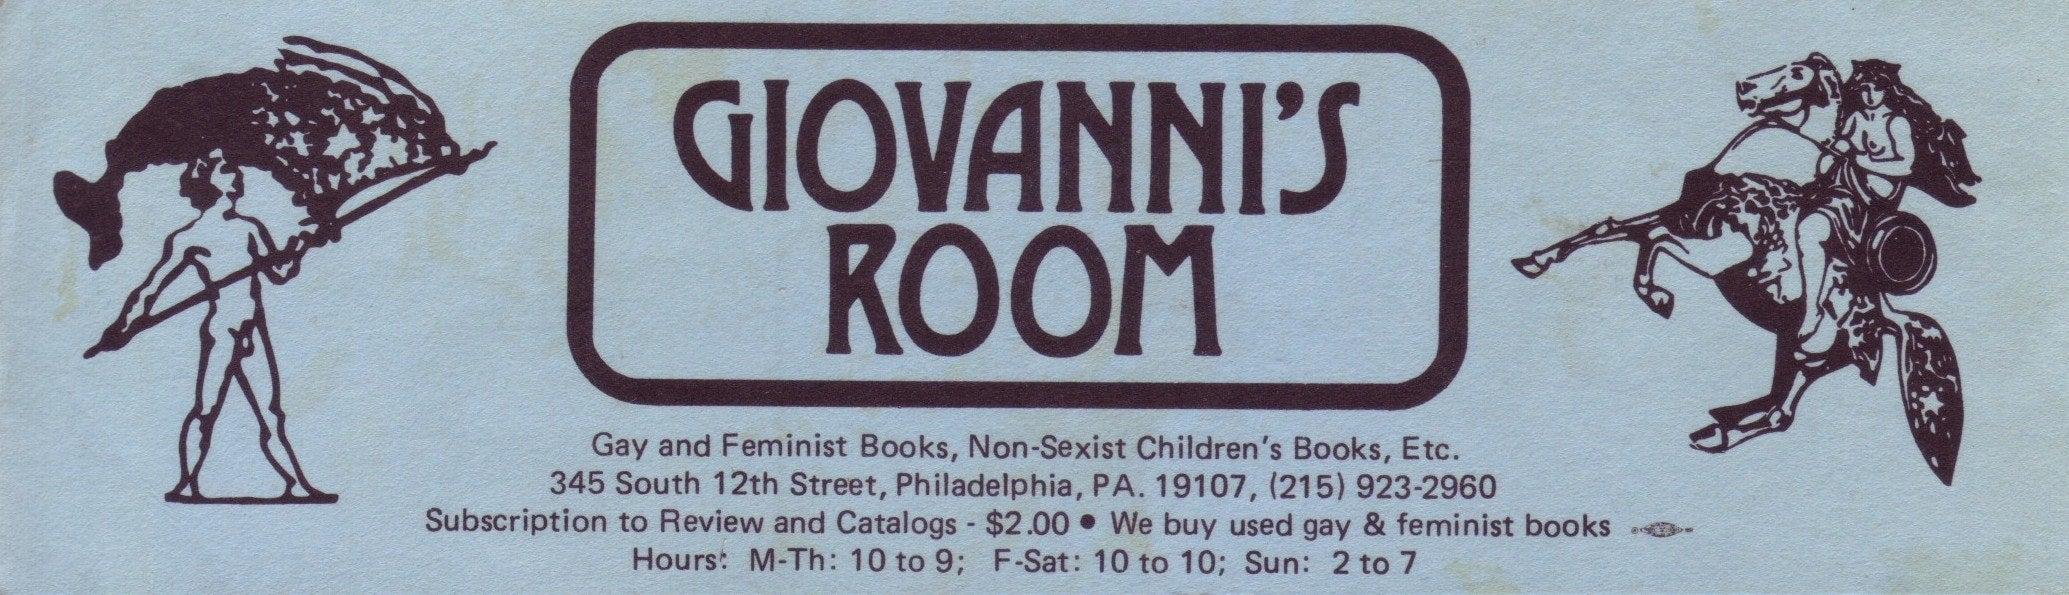 Giovanni's Room bookmark